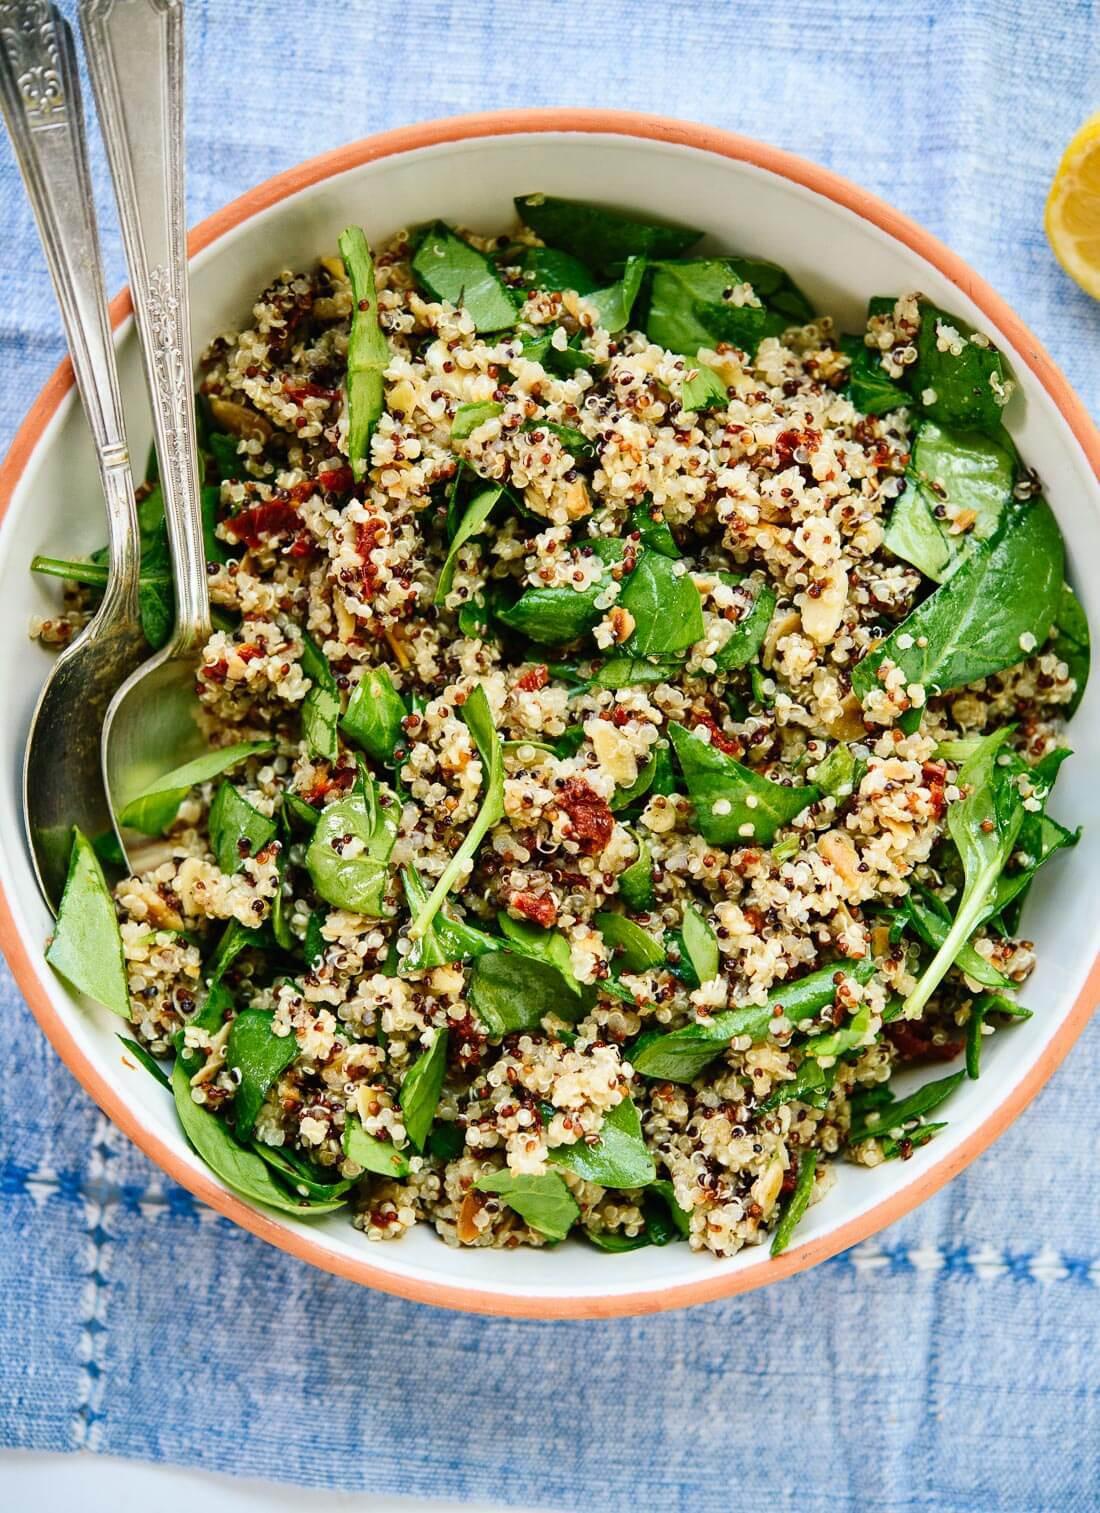 sun-dried-tomato-quinoa-salad-recipe